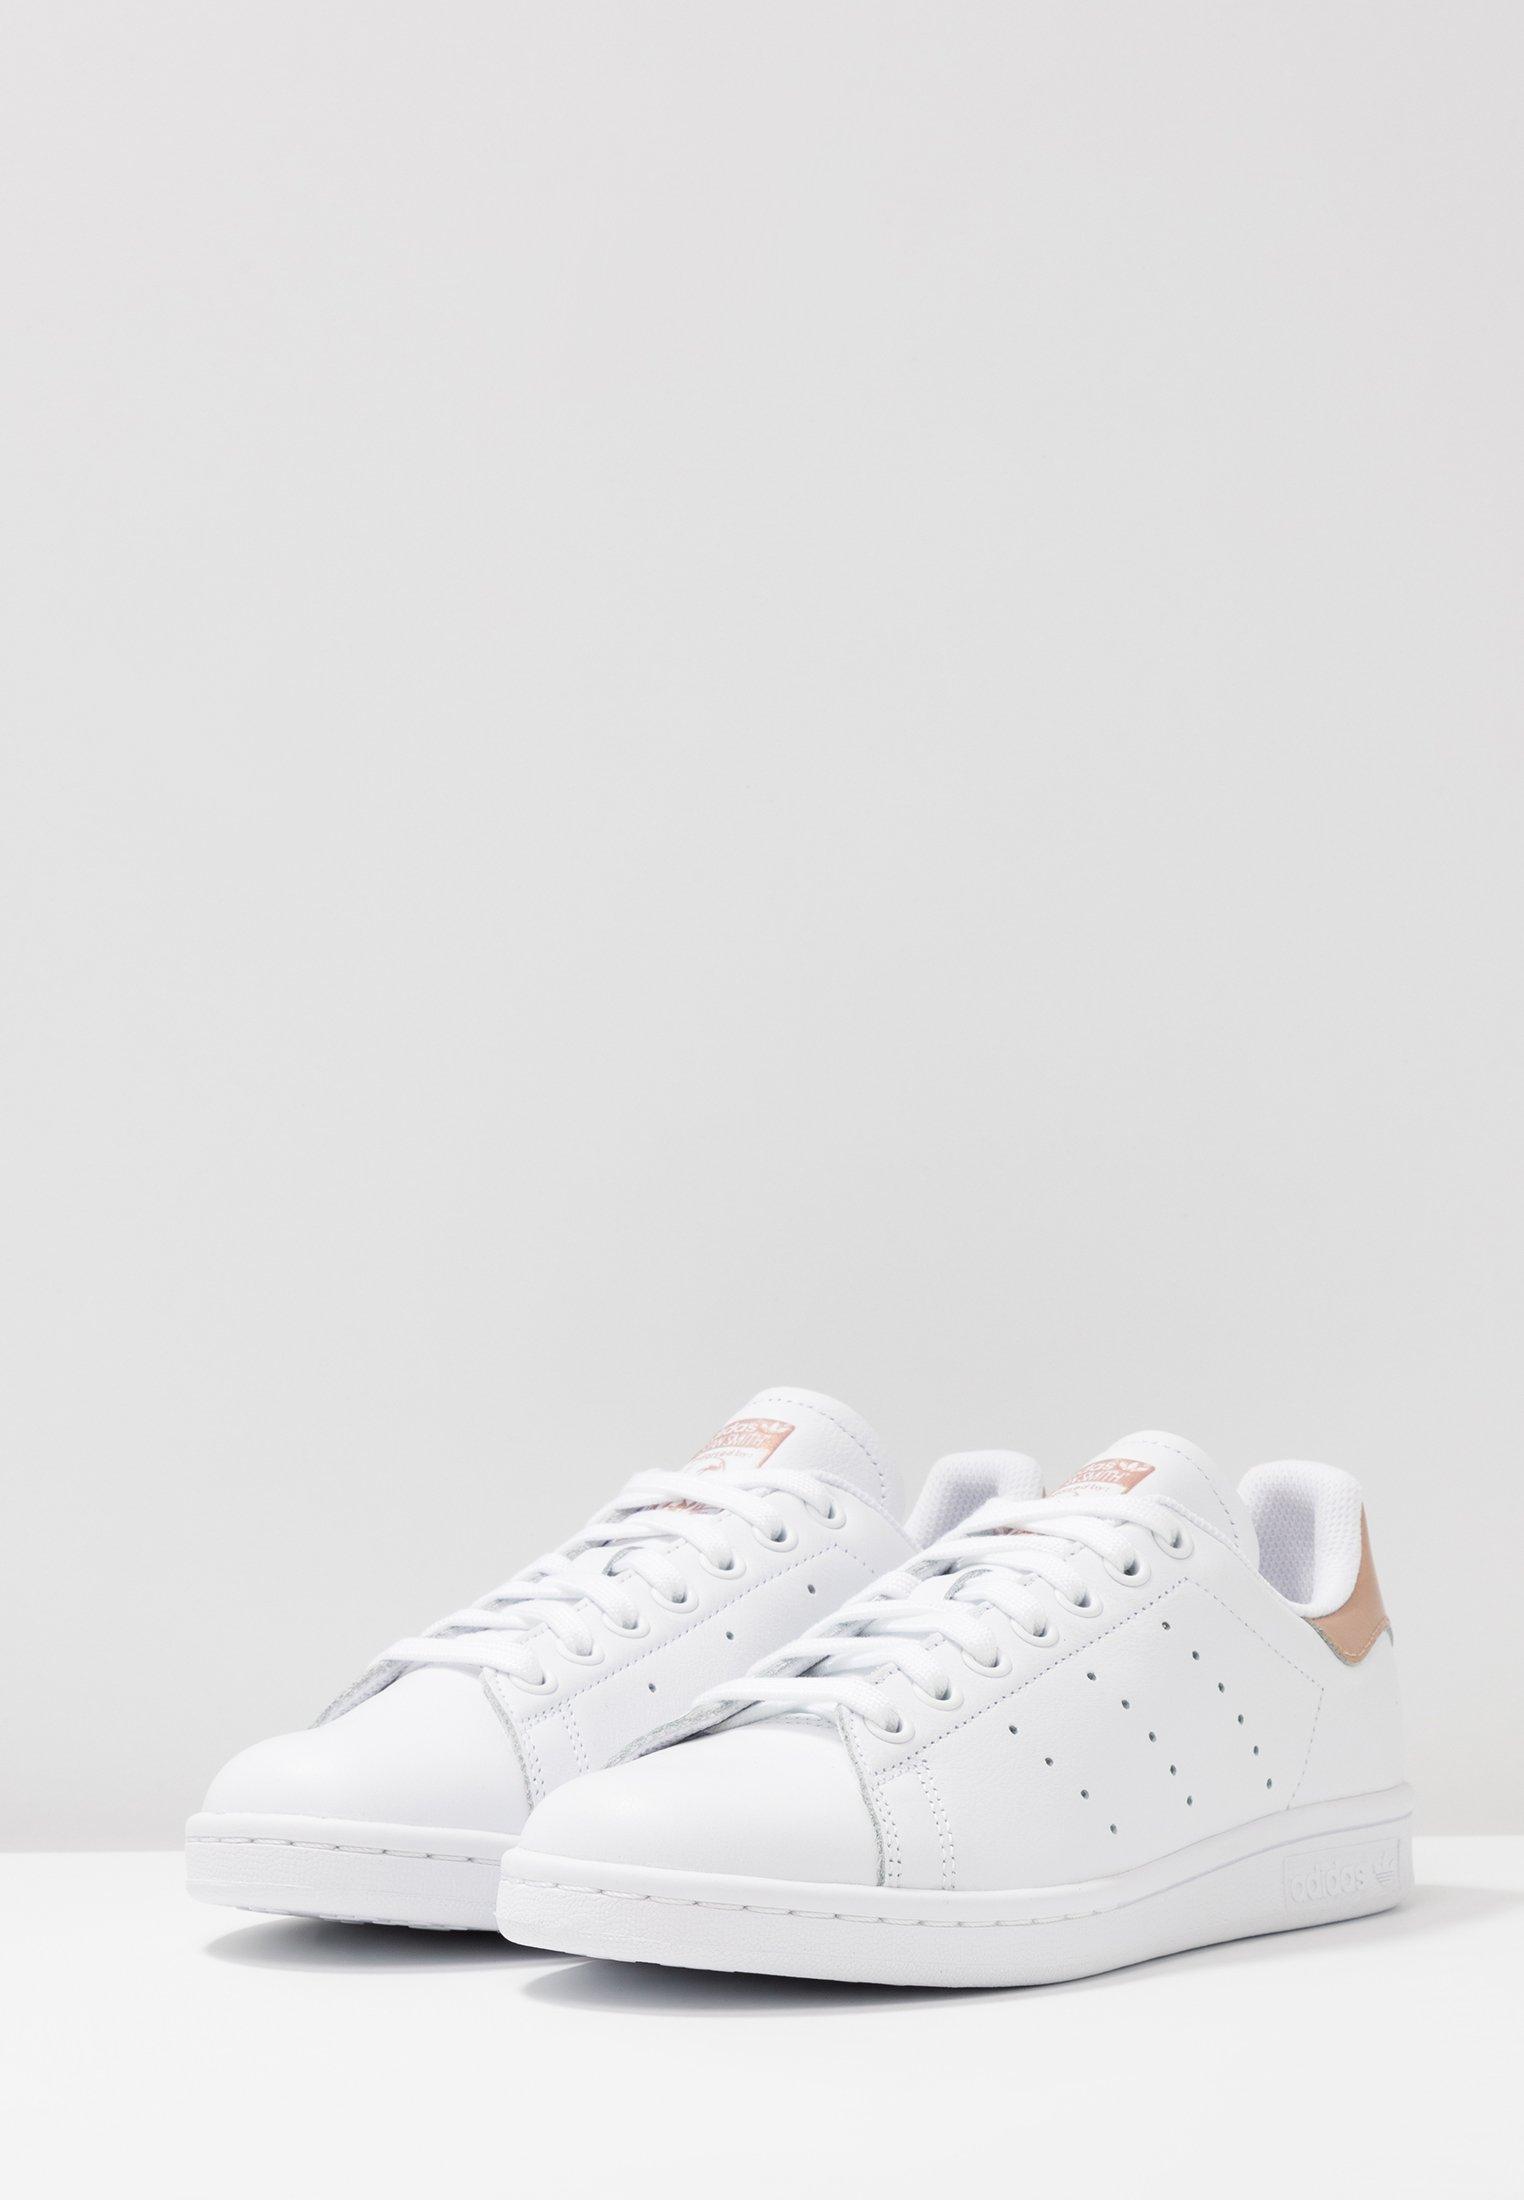 STAN SMITH Baskets basses footwear whiterose gold metallic